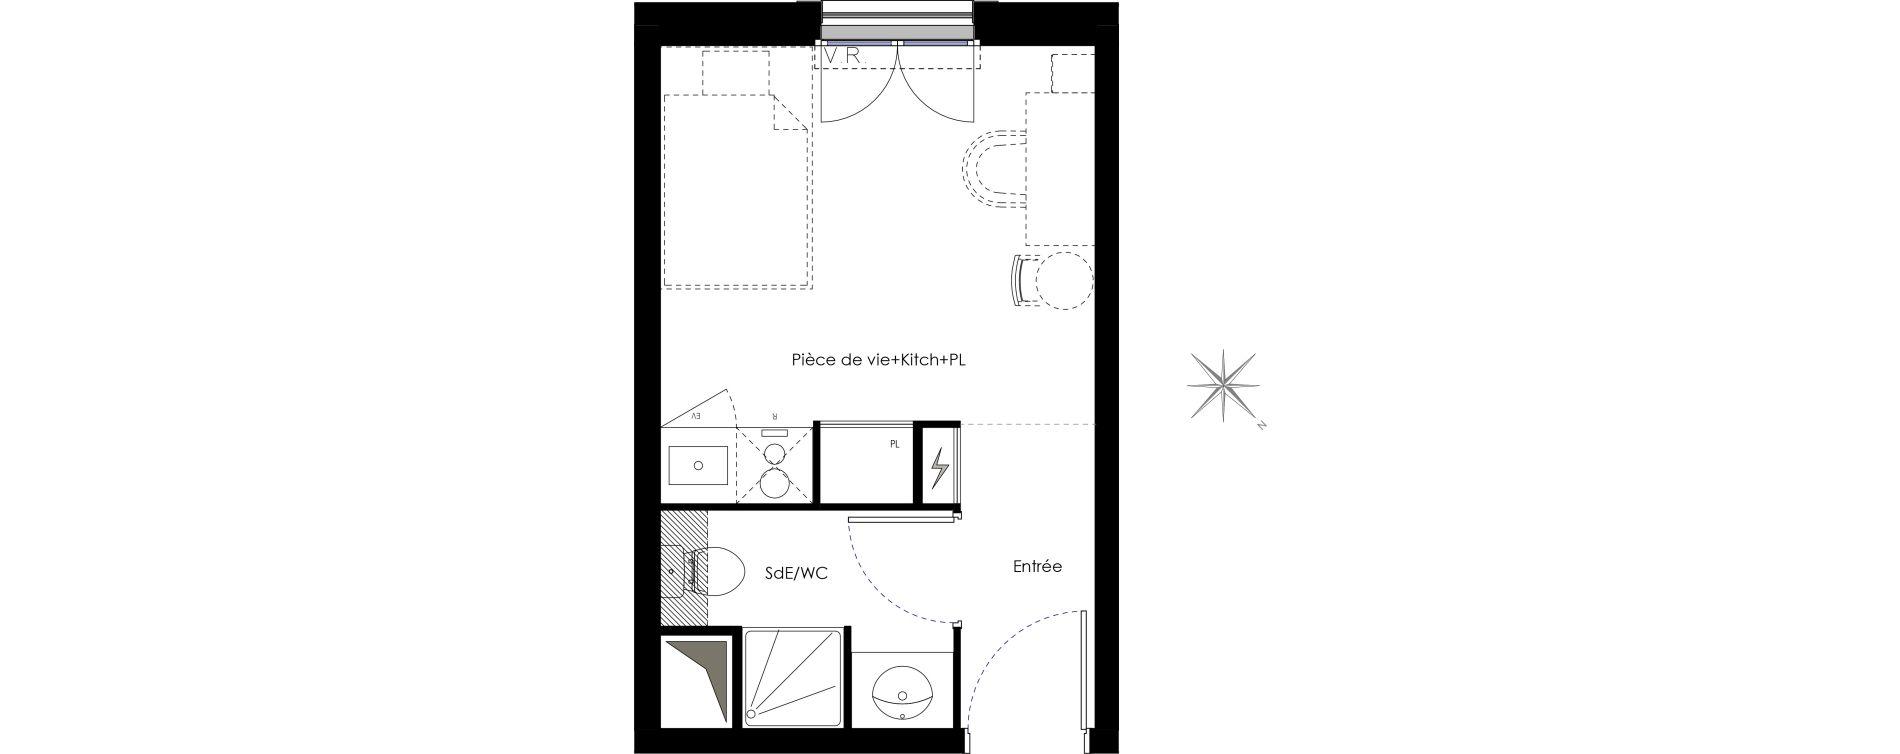 Appartement T1 meublé de 17,38 m2 à Fontenay-Aux-Roses Scarron